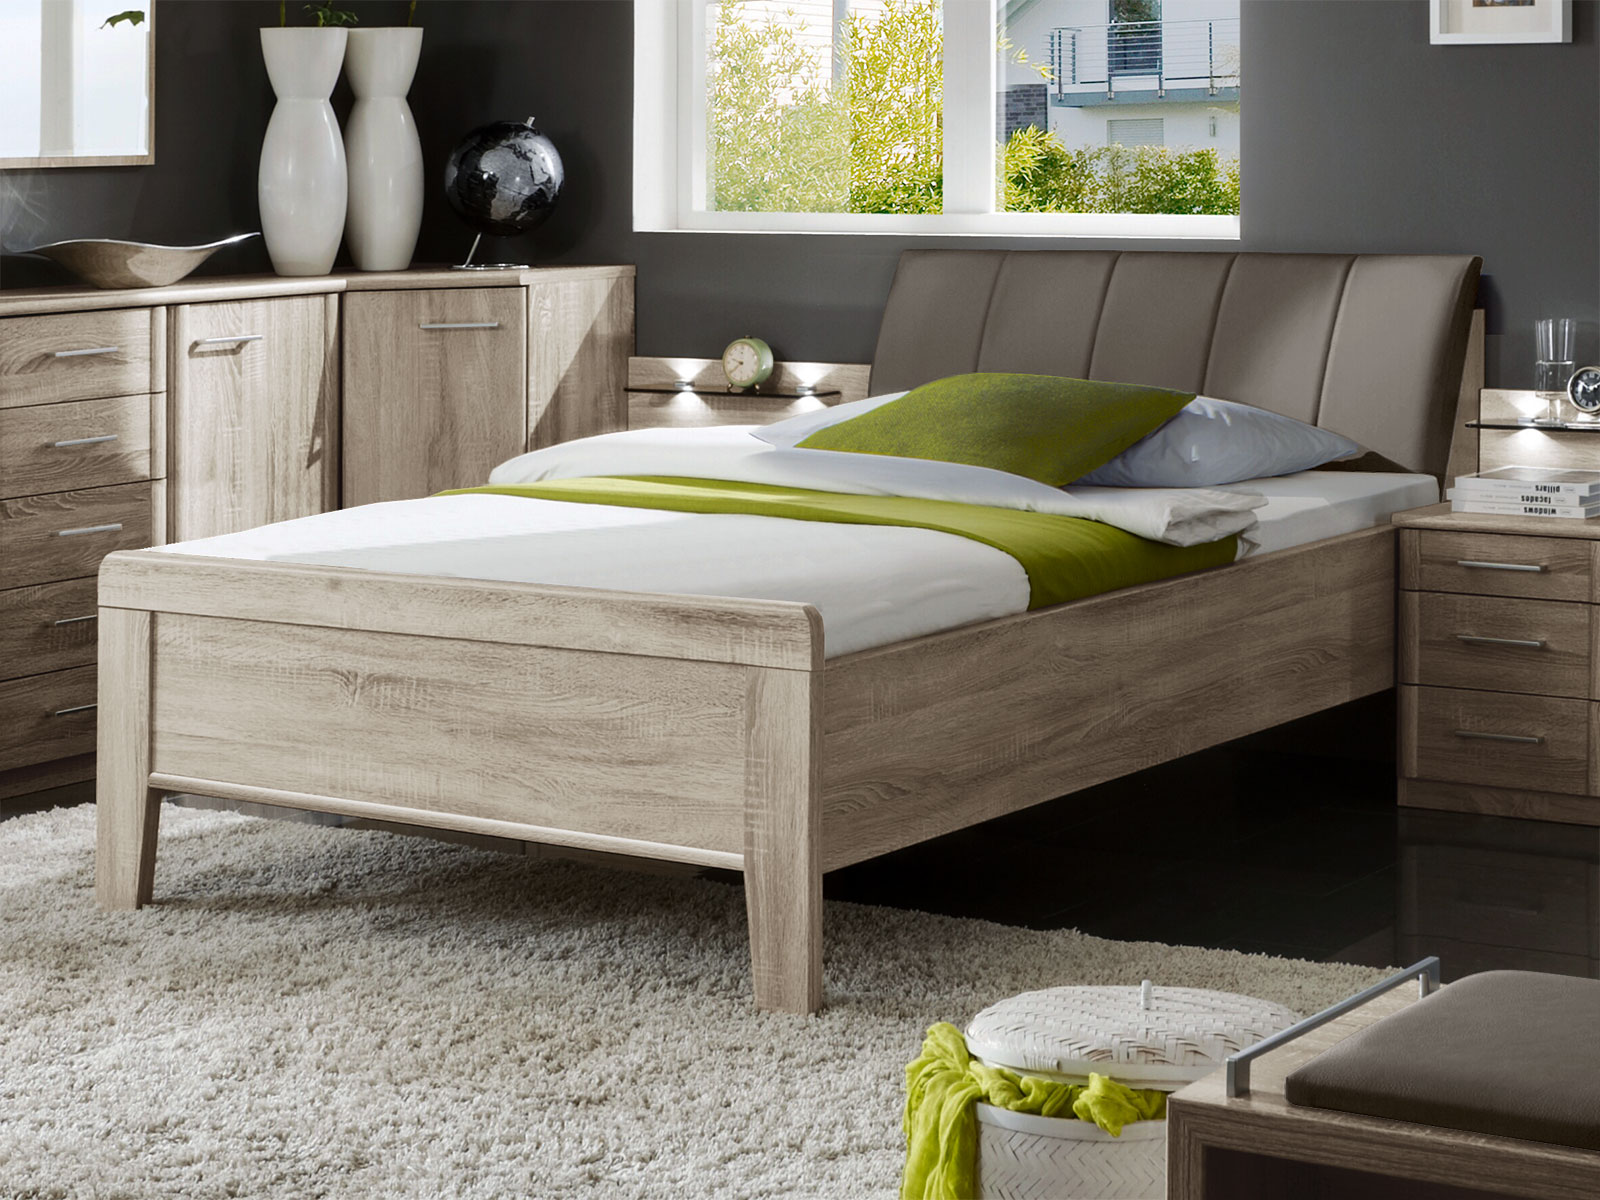 Sehr Wohnlich Und Gemütlich: Bett